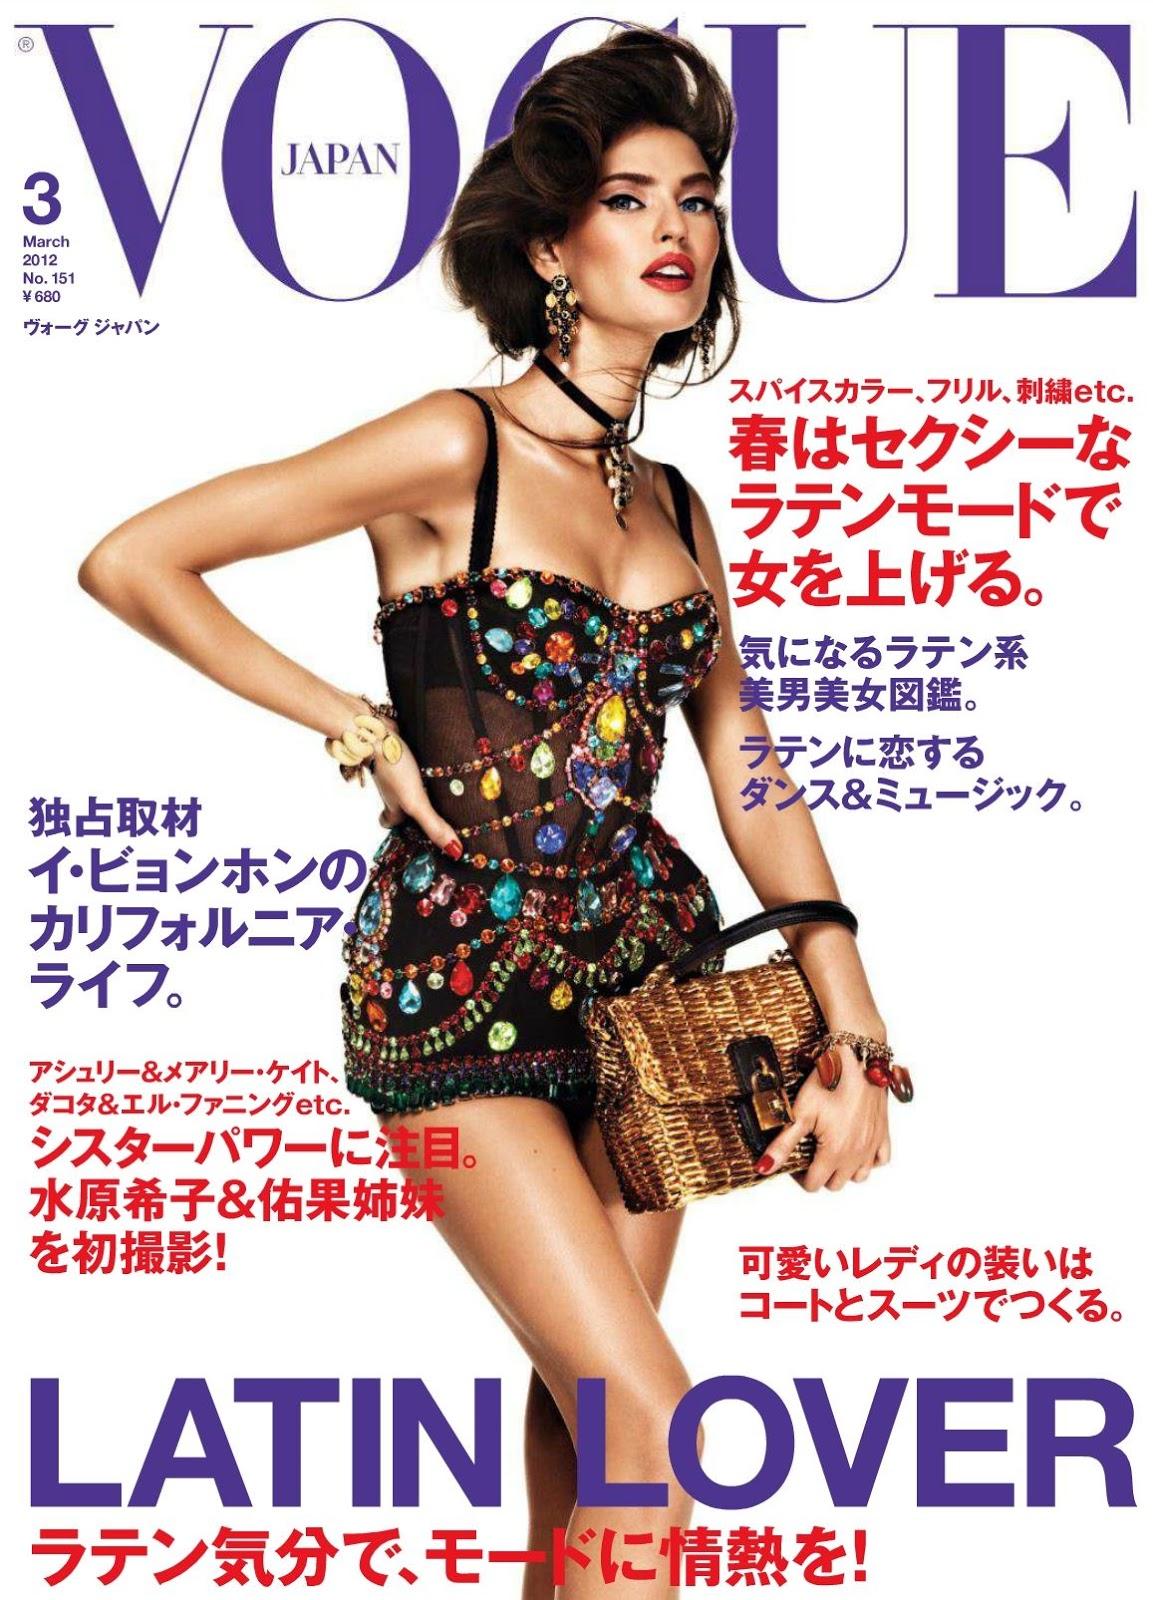 http://3.bp.blogspot.com/-L8Vze4xoXTc/USGCNF7e8YI/AAAAAAAAL4g/Xx0h-Ej6u4M/s1600/bianca-balti-vogue-japan-march-2012-01.jpg